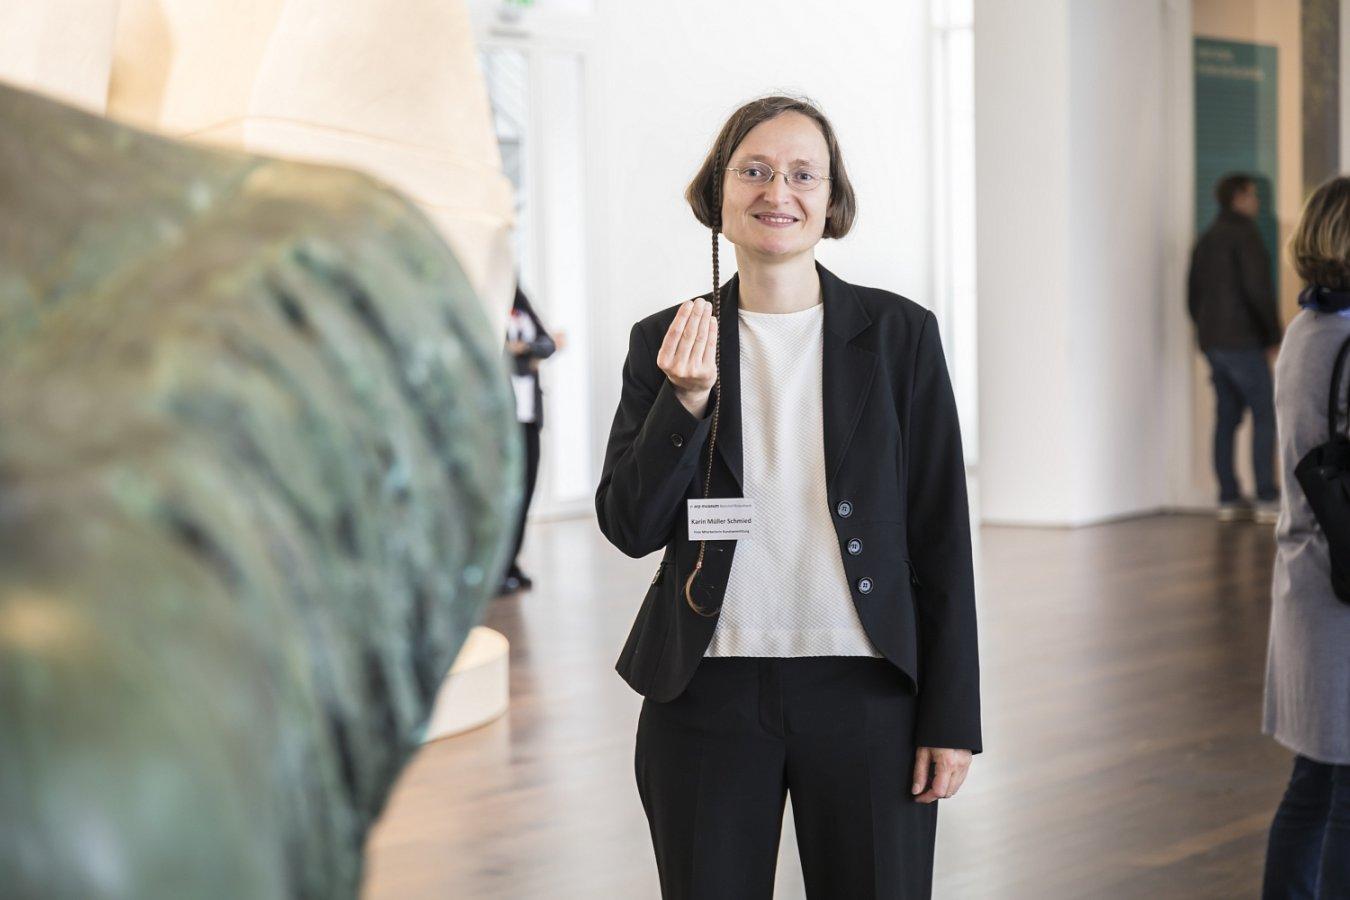 Karin Müller Schmid © Helmut Reinelt